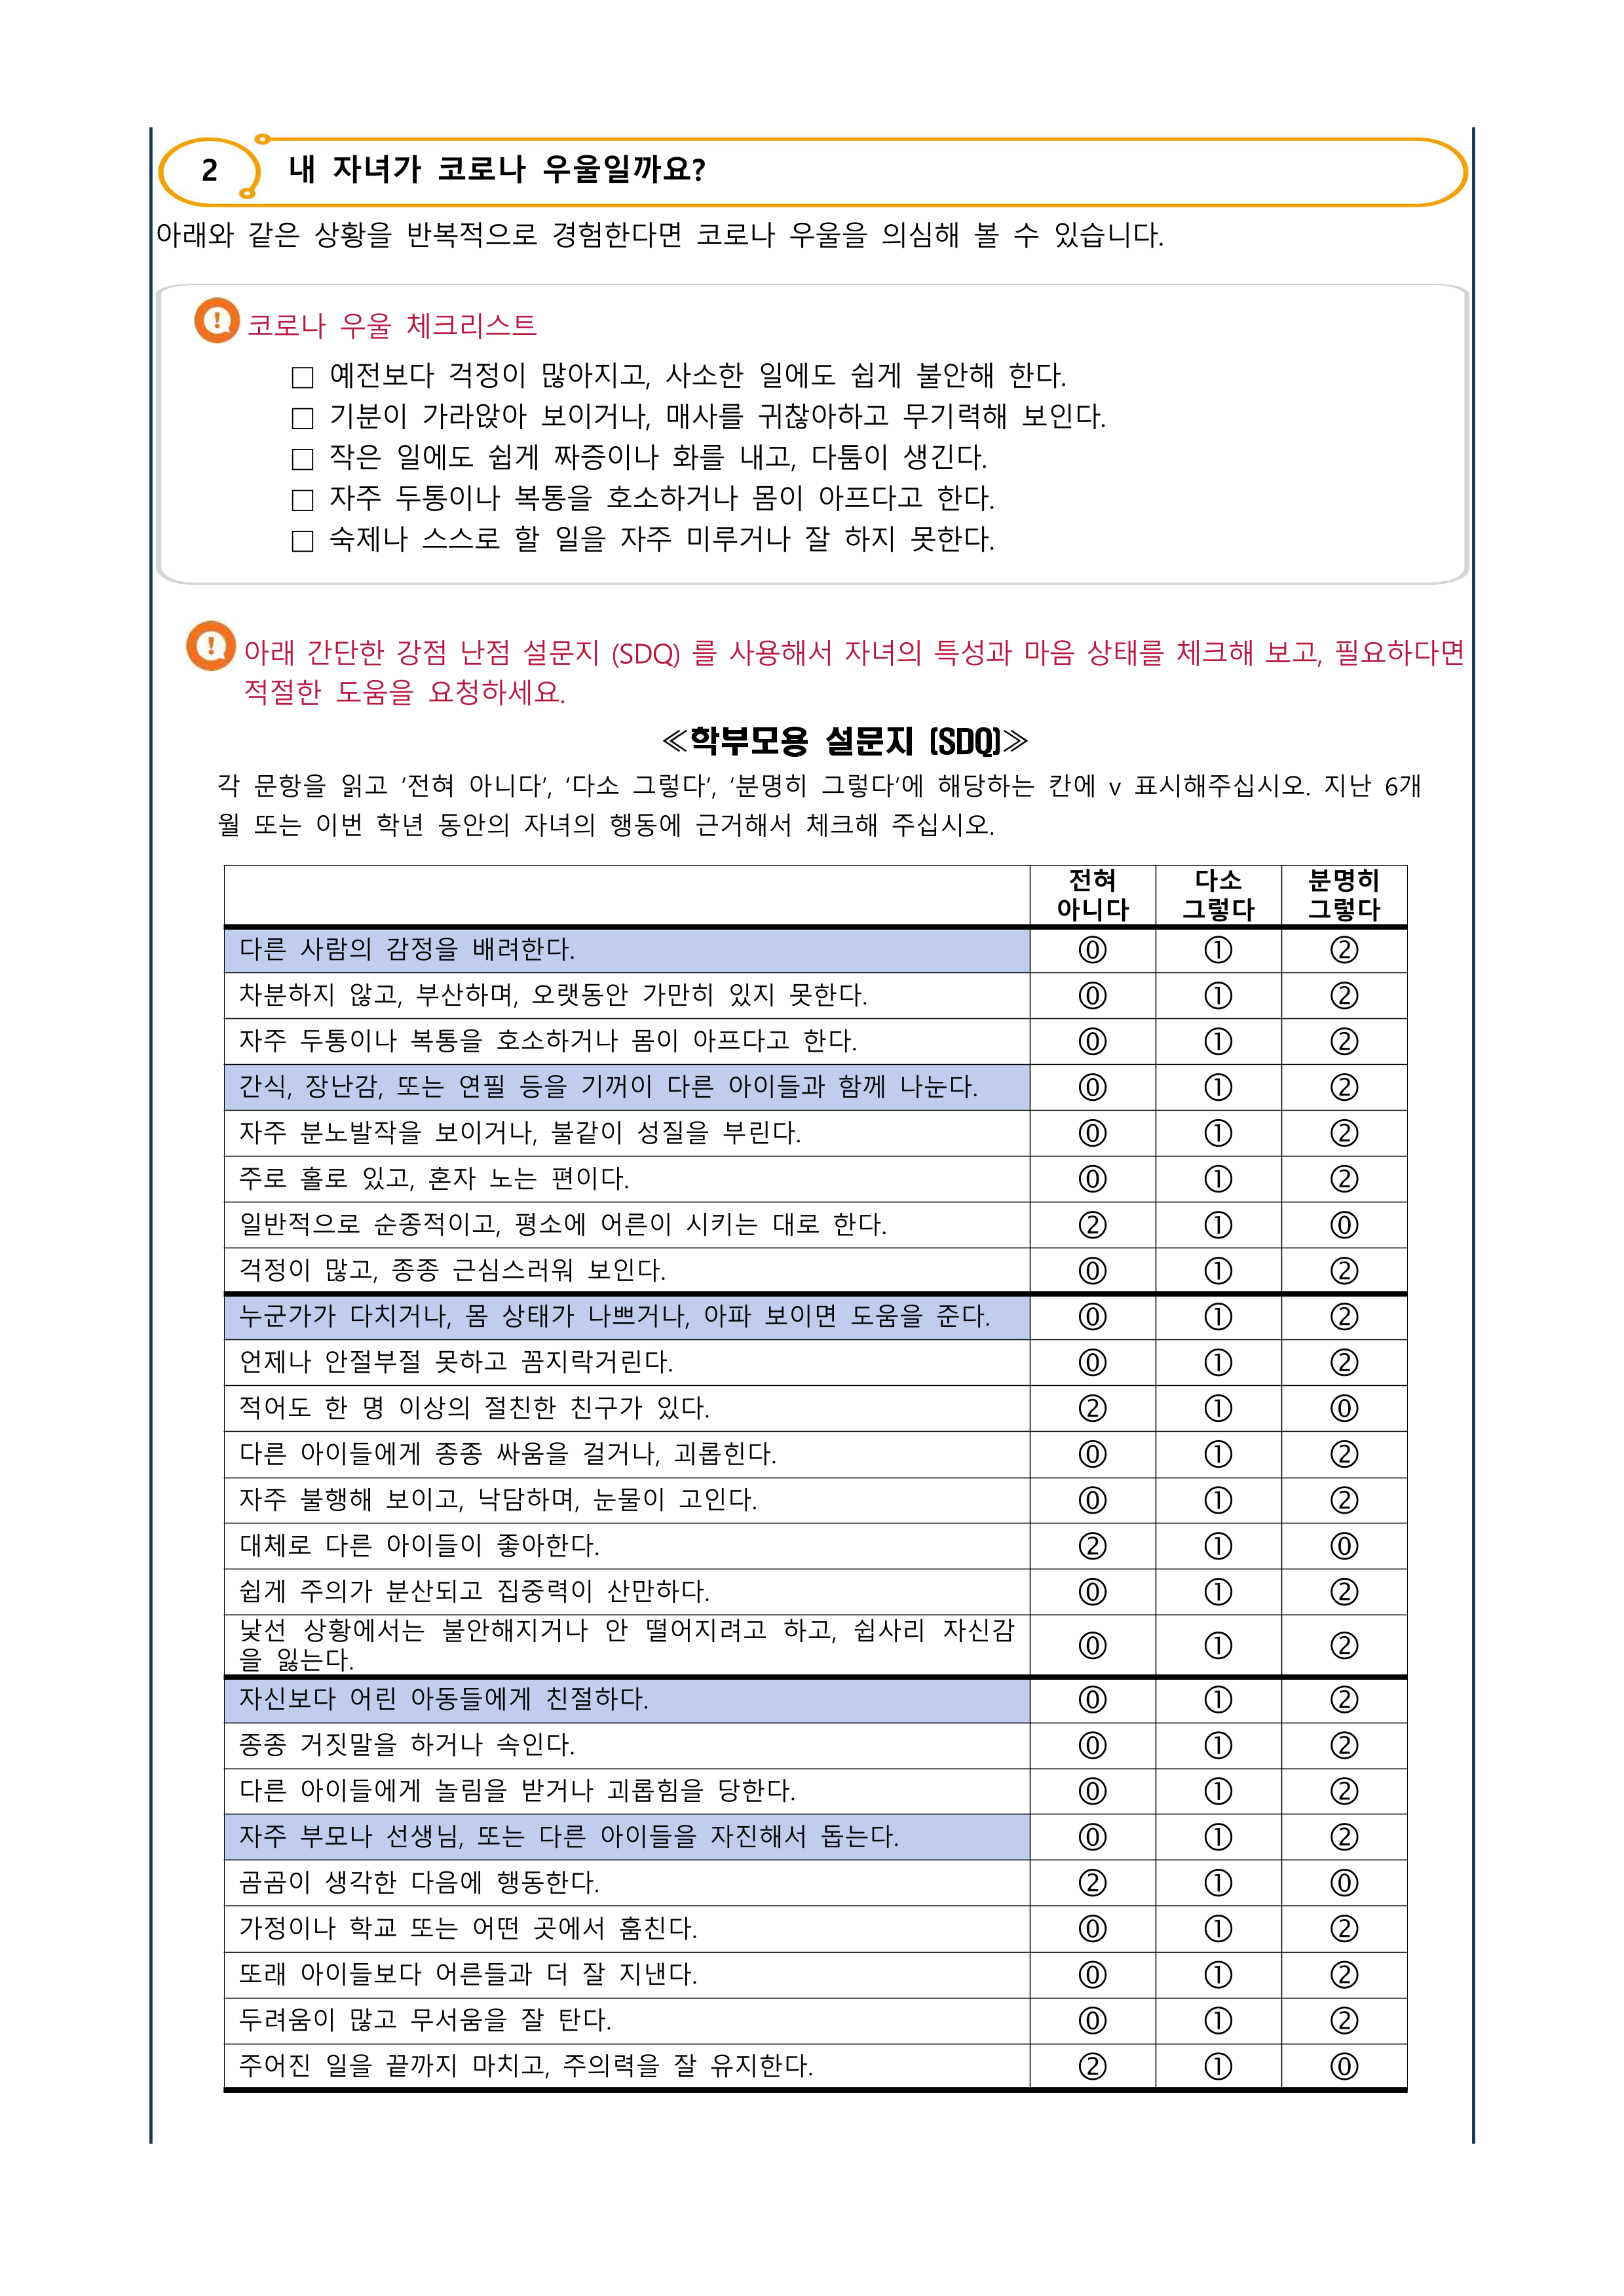 뉴스레터 자녀사랑하기 제 2021-2호 가정통신문 2Page.